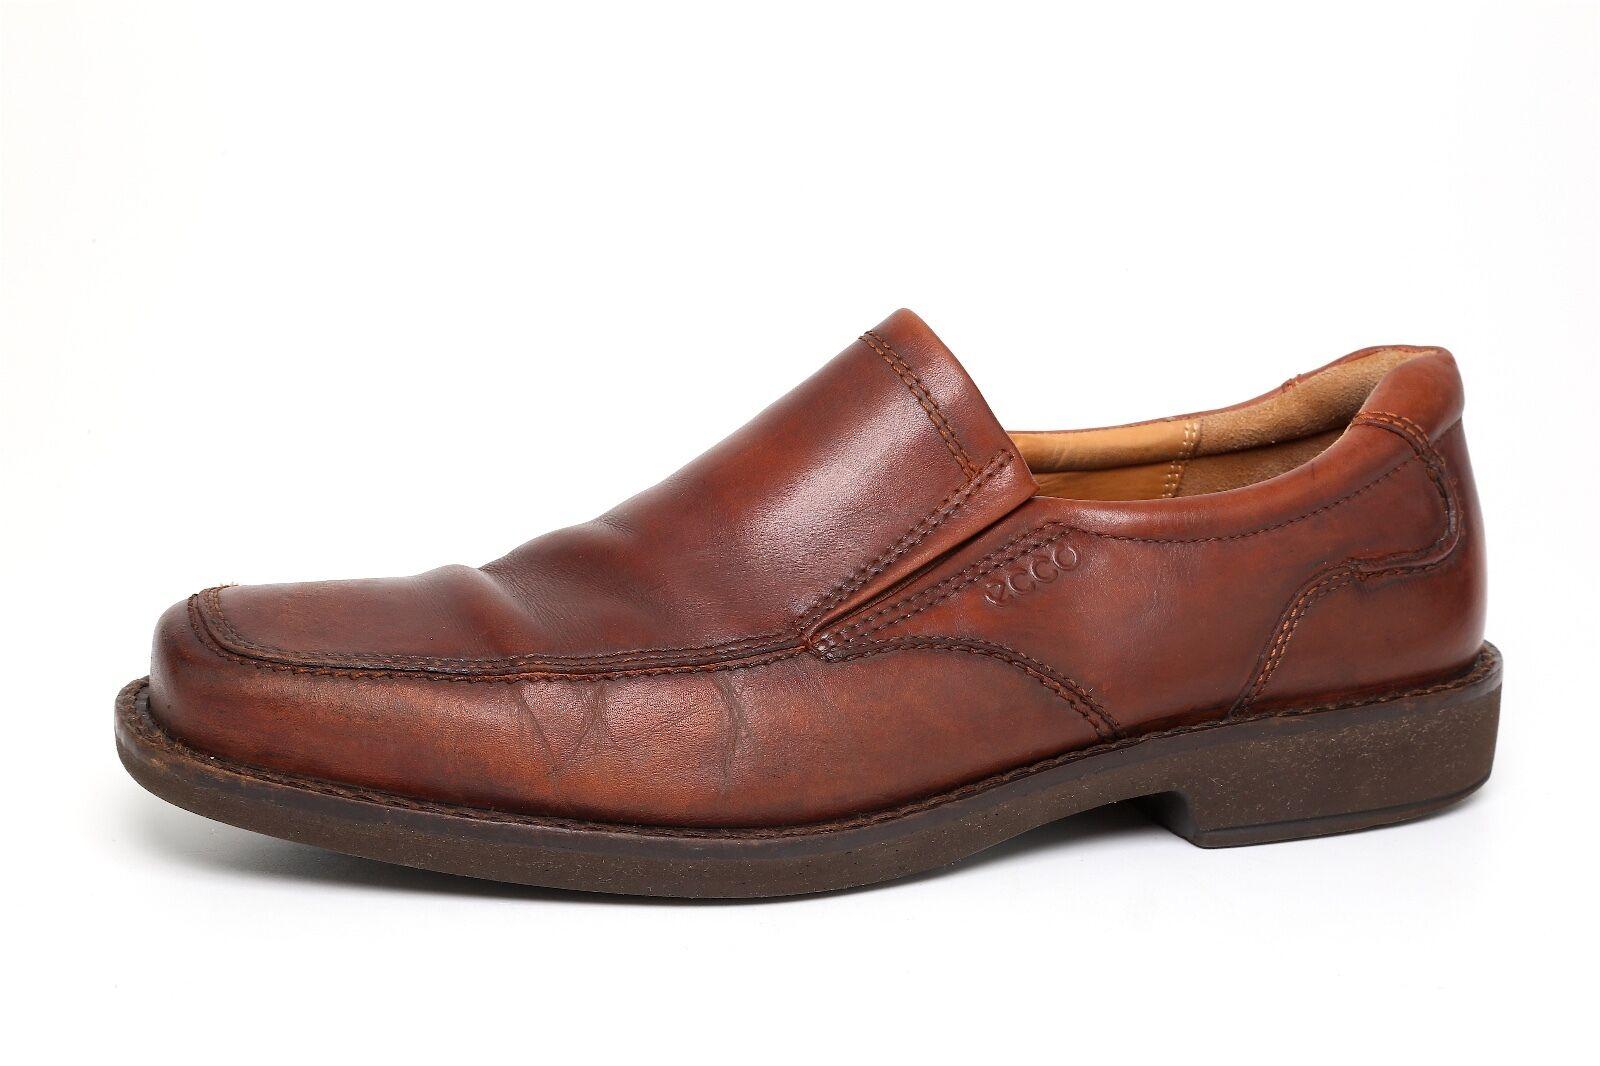 tutti i beni sono speciali ECCO Uomo Marrone Marrone Marrone SAS Diplomat Leather Loafers 5863 Sz 45 EUR  si affrettò a vedere